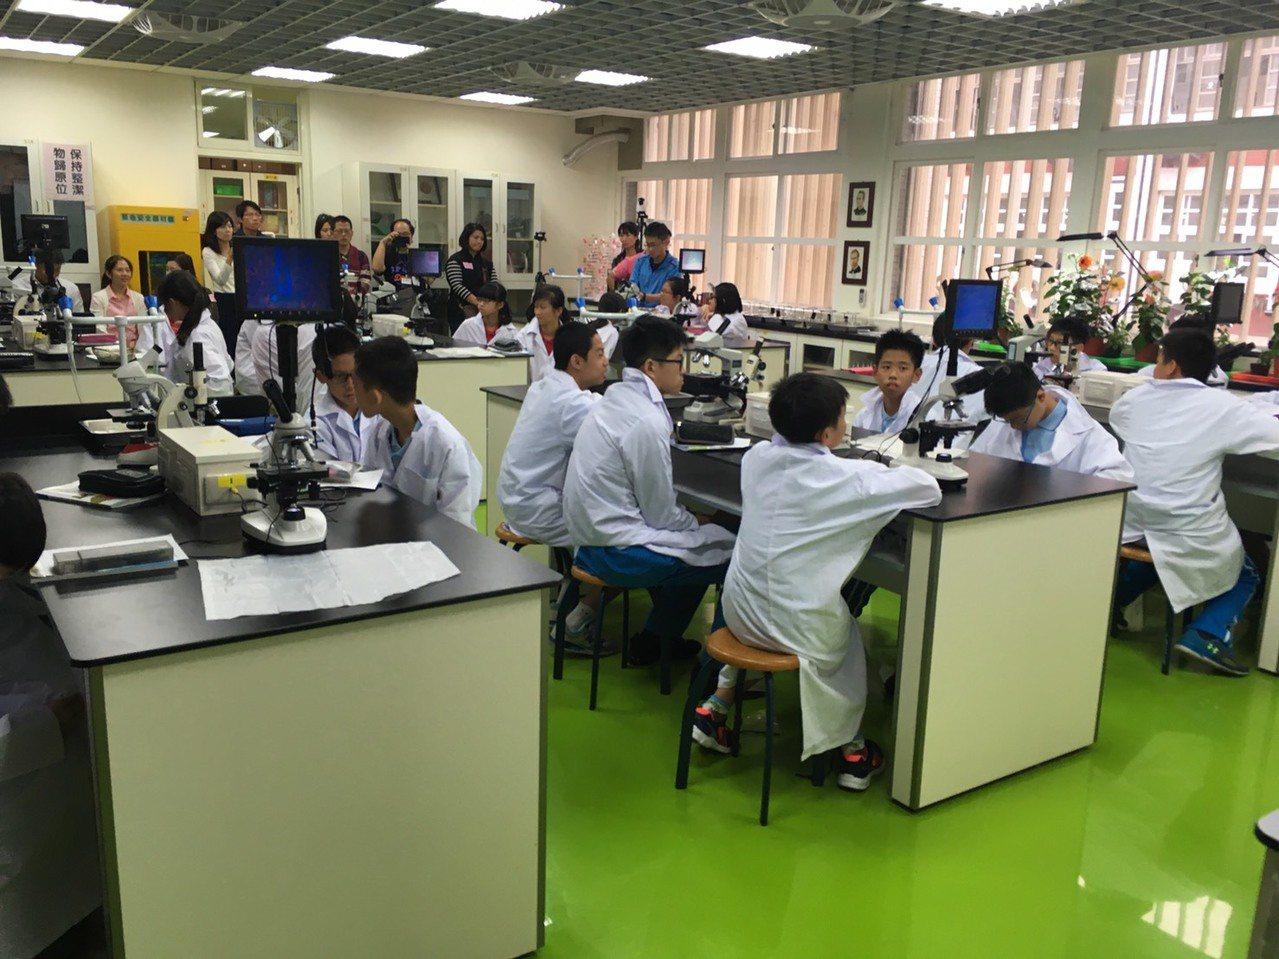 台北市推動「國中專科教室環境改善工程」,去年規劃107至109年投入2億元,改善...